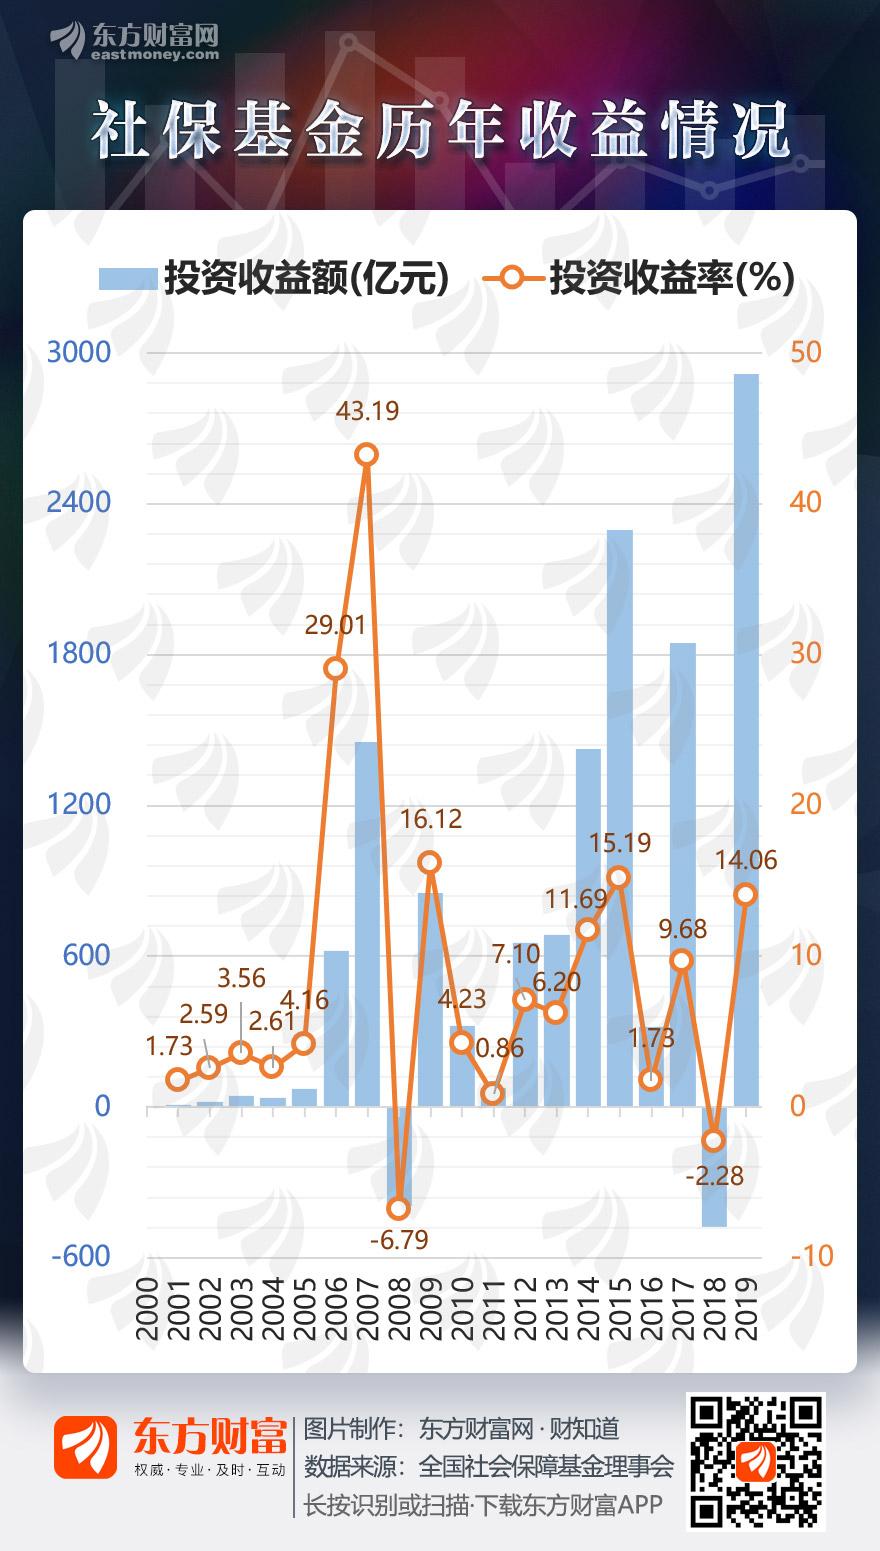 [图片专题1157期]社保基金去年权益投资收益率高达14% 一图速览历年表现